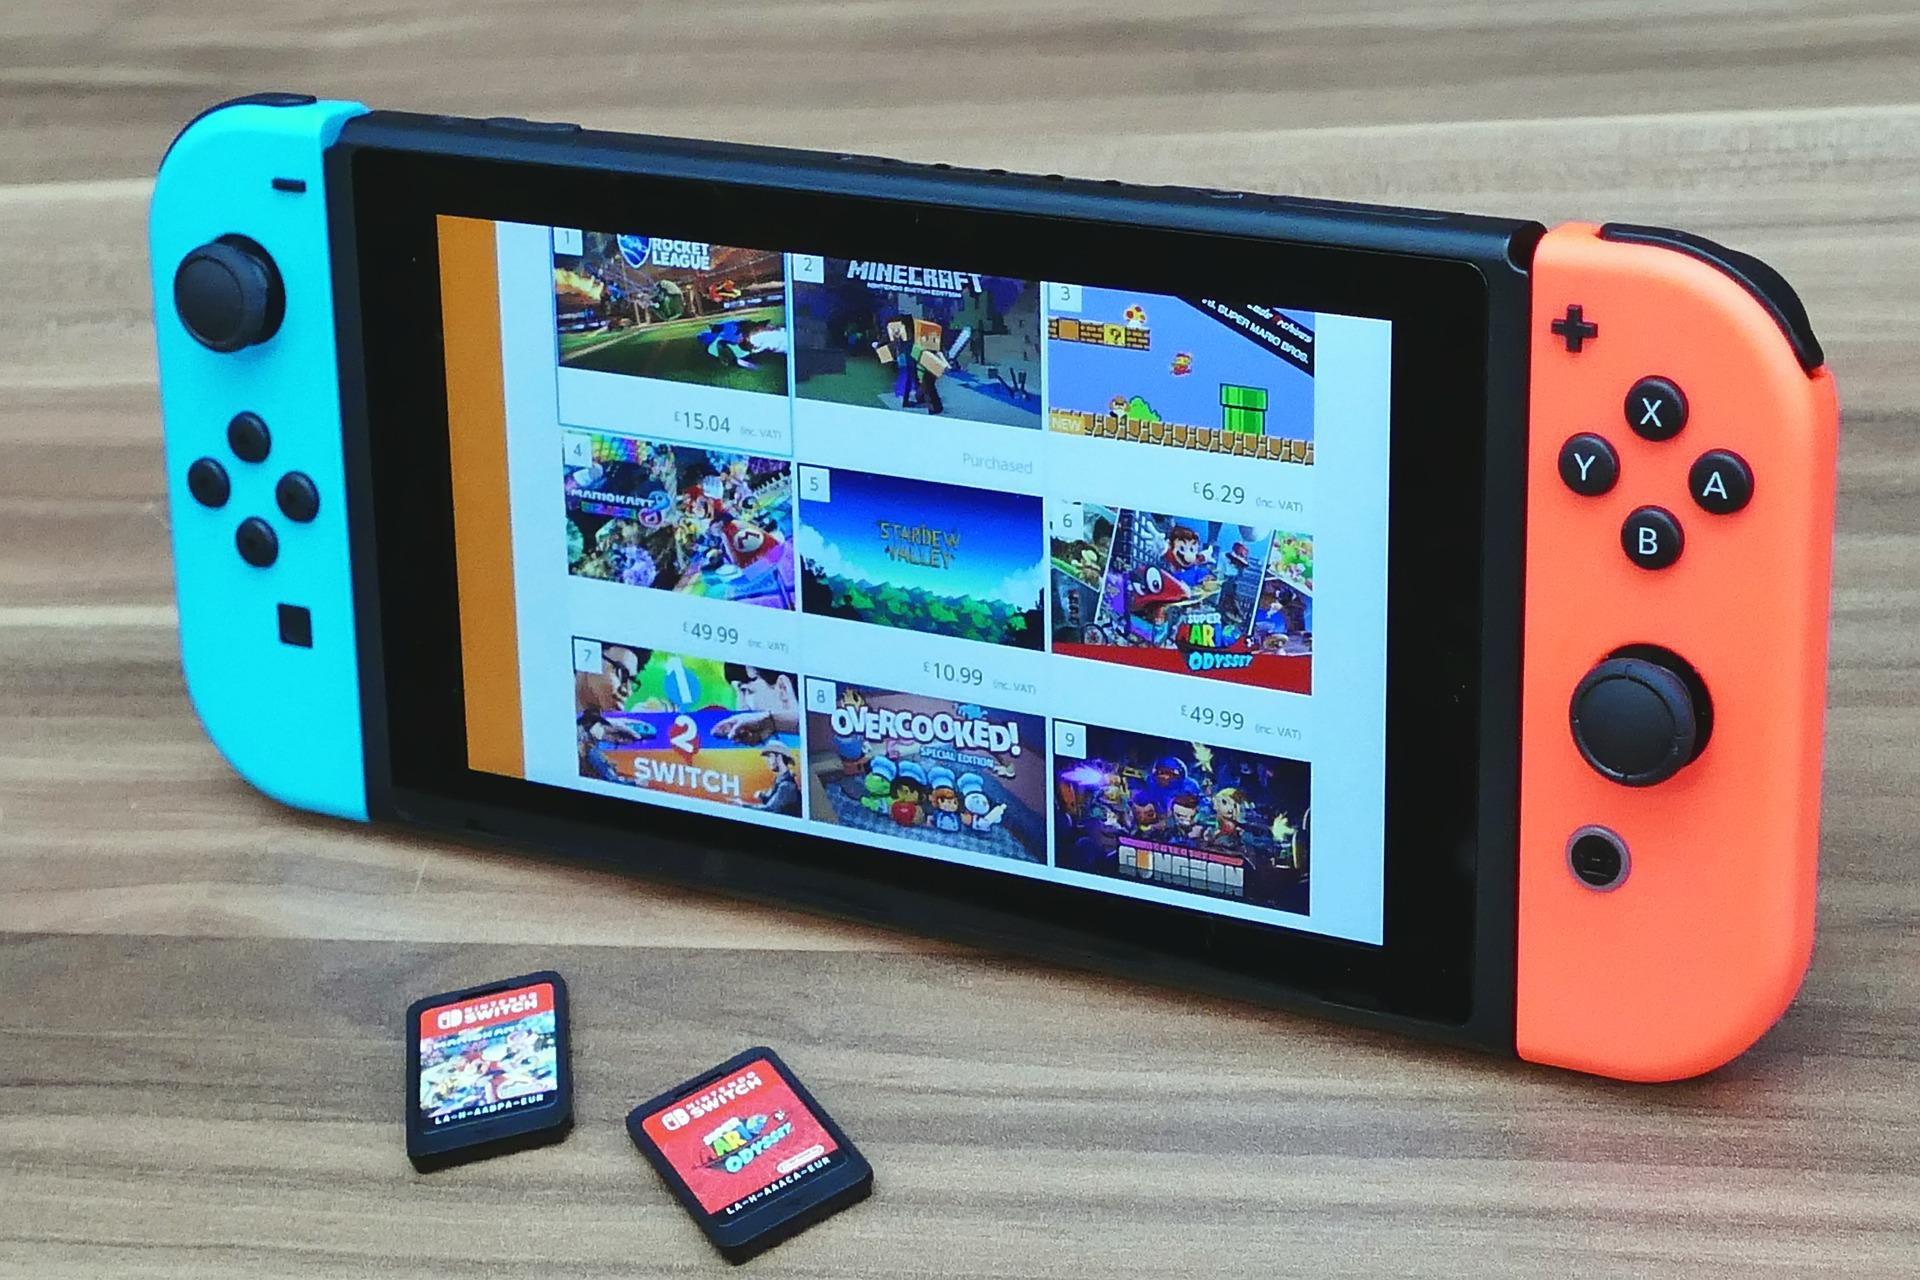 Imagem mostra um Nintendo Switch com seu catálogo de jogos.